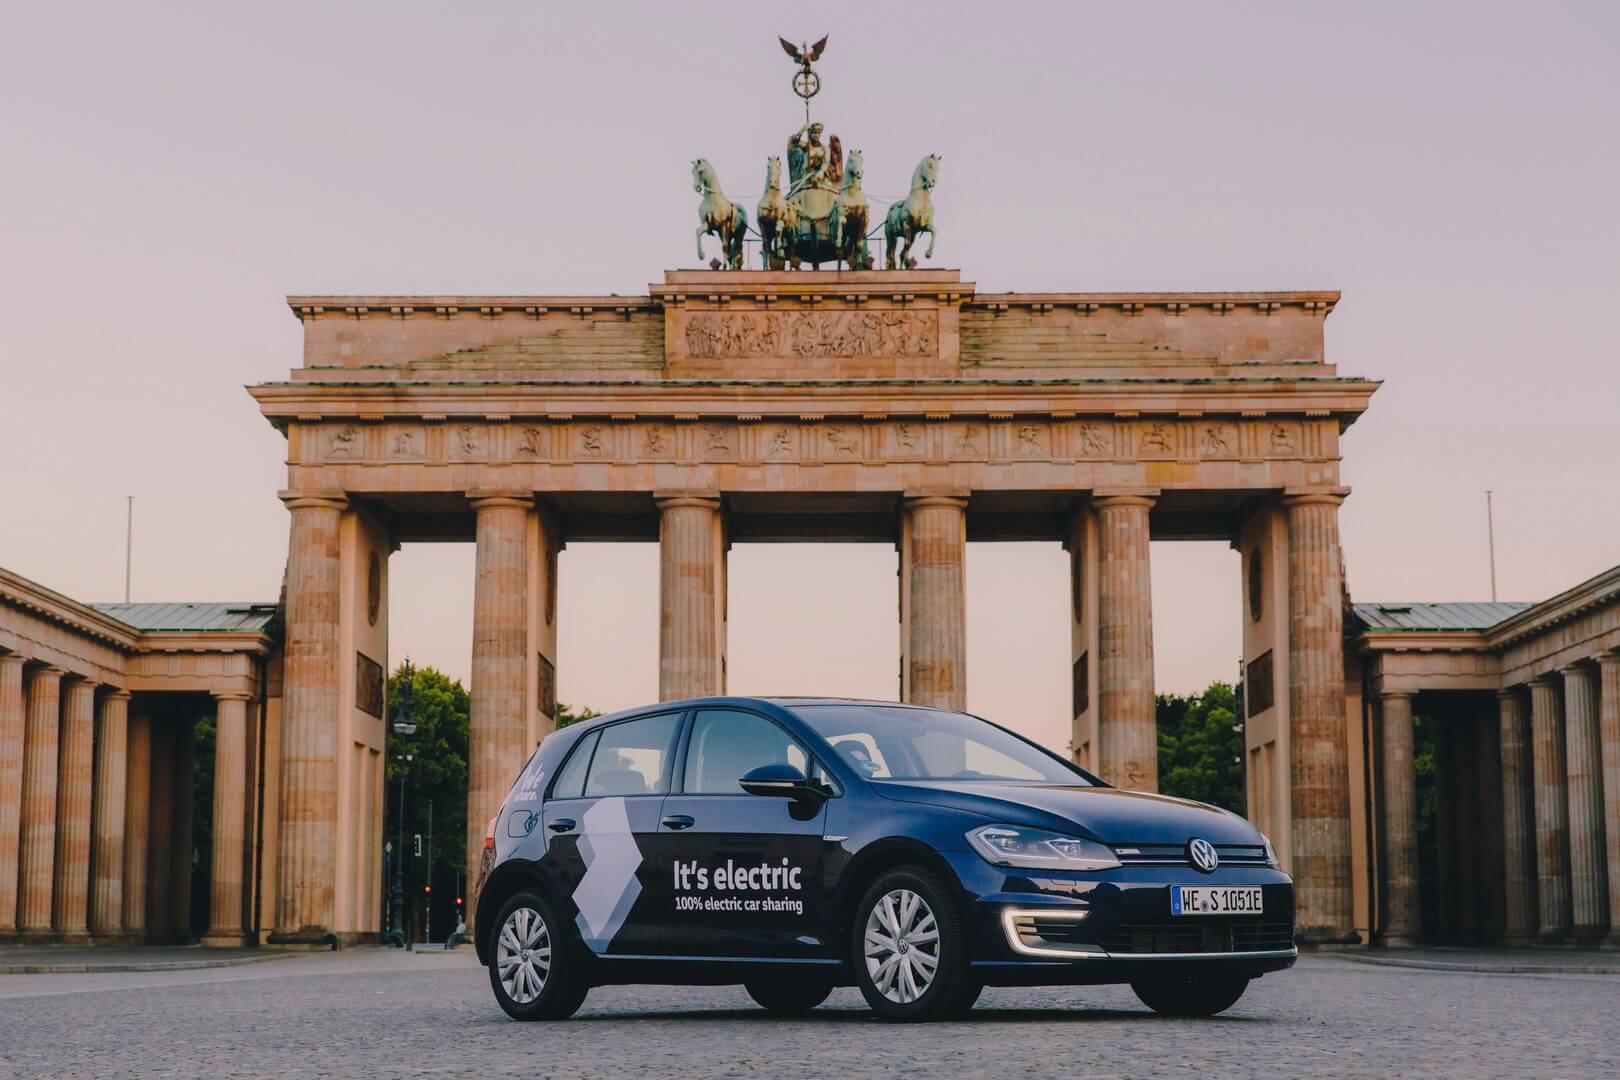 Volkswagen запустил сервис по совместному использованию электромобилей «WeShare» в Берлине